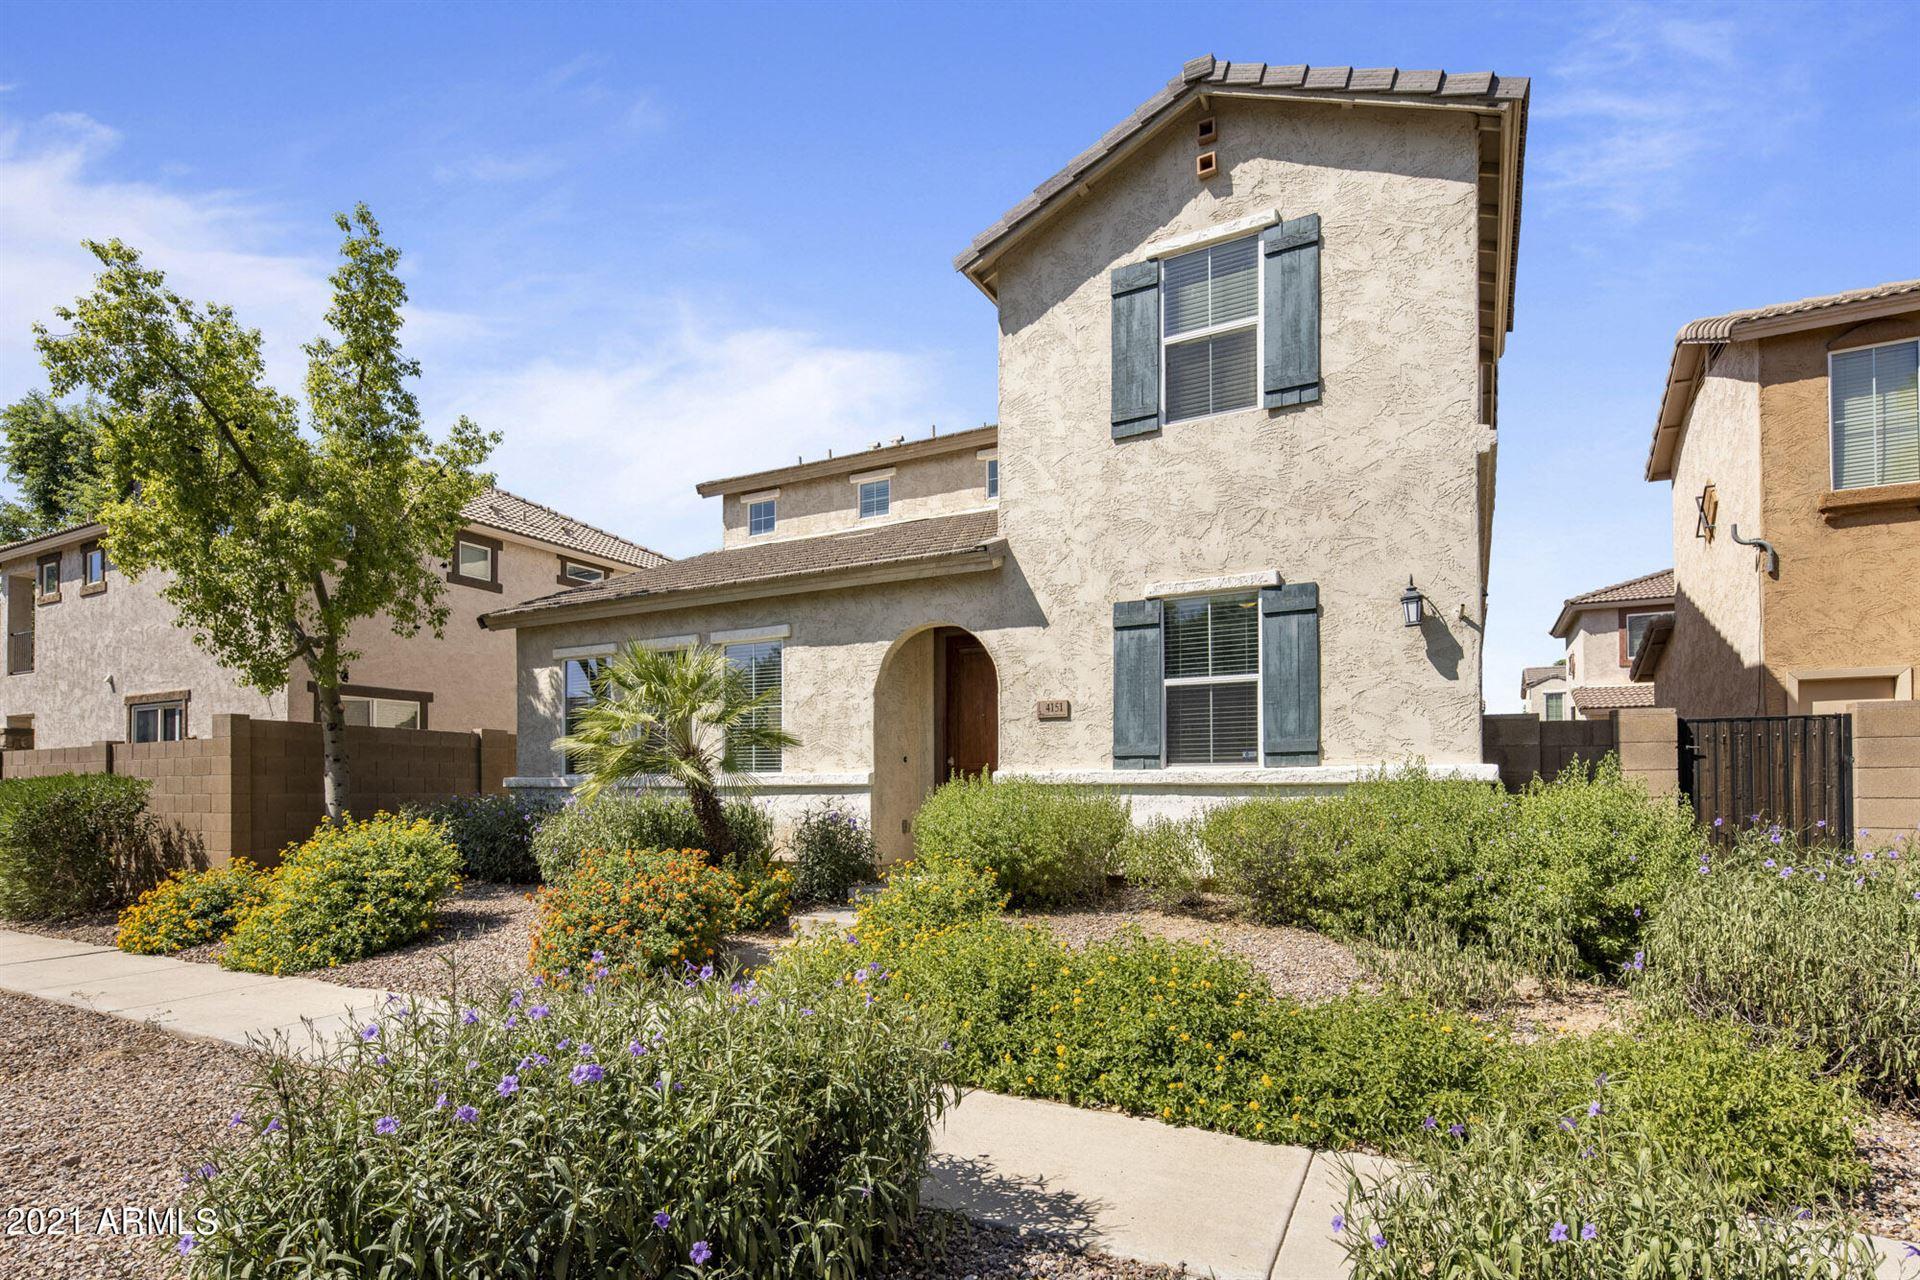 Photo of 4151 E OAKLAND Street, Gilbert, AZ 85295 (MLS # 6296648)